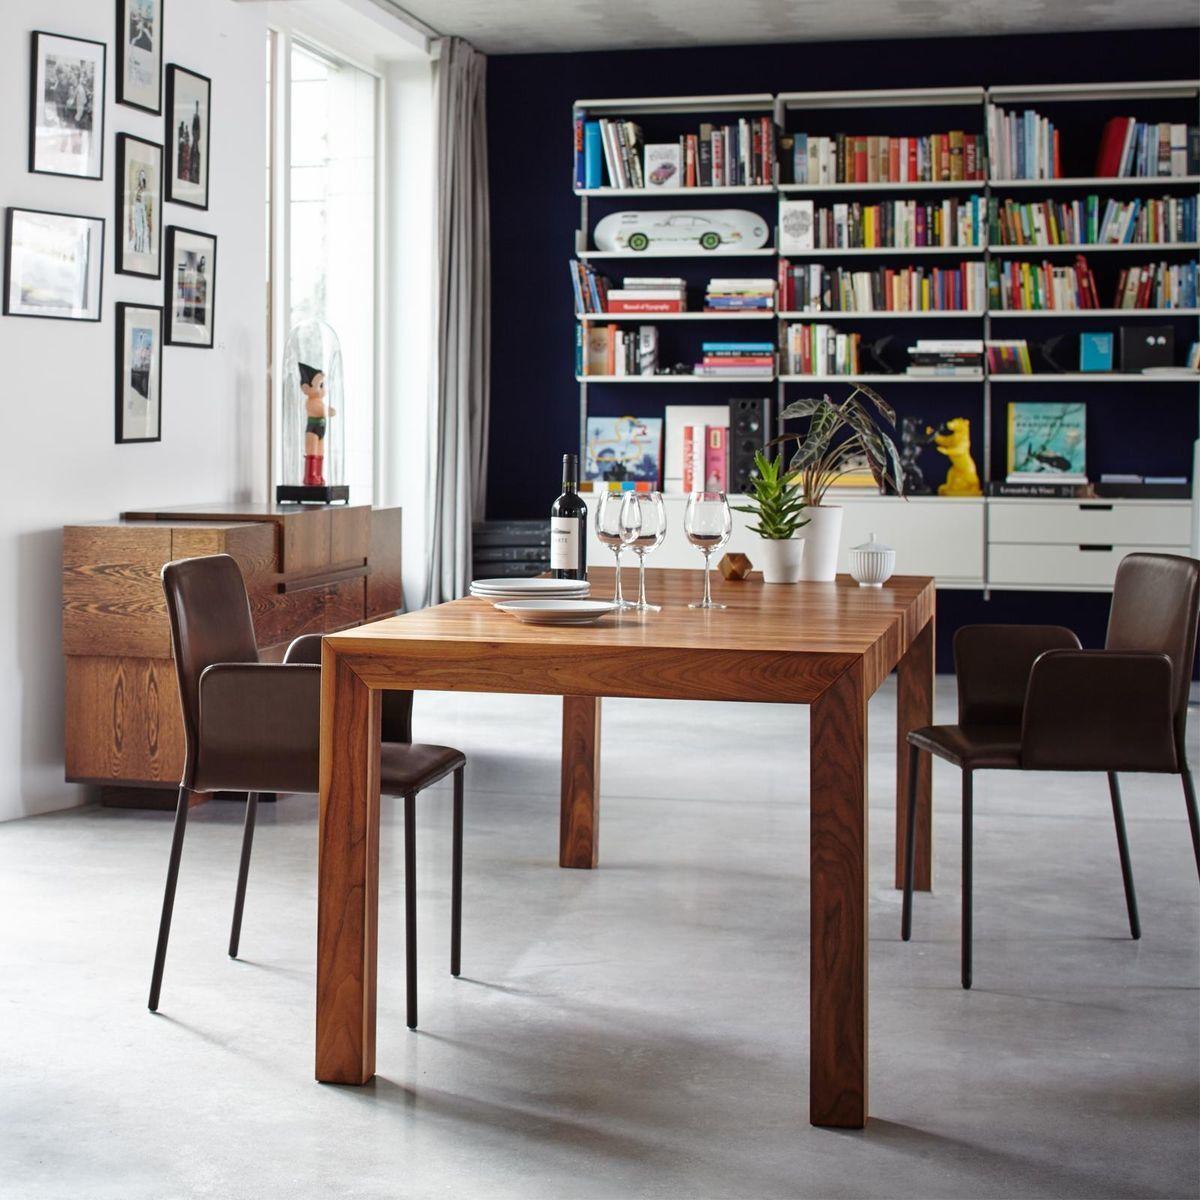 esstisch massivholz outlet speyedernet verschiedene. Black Bedroom Furniture Sets. Home Design Ideas